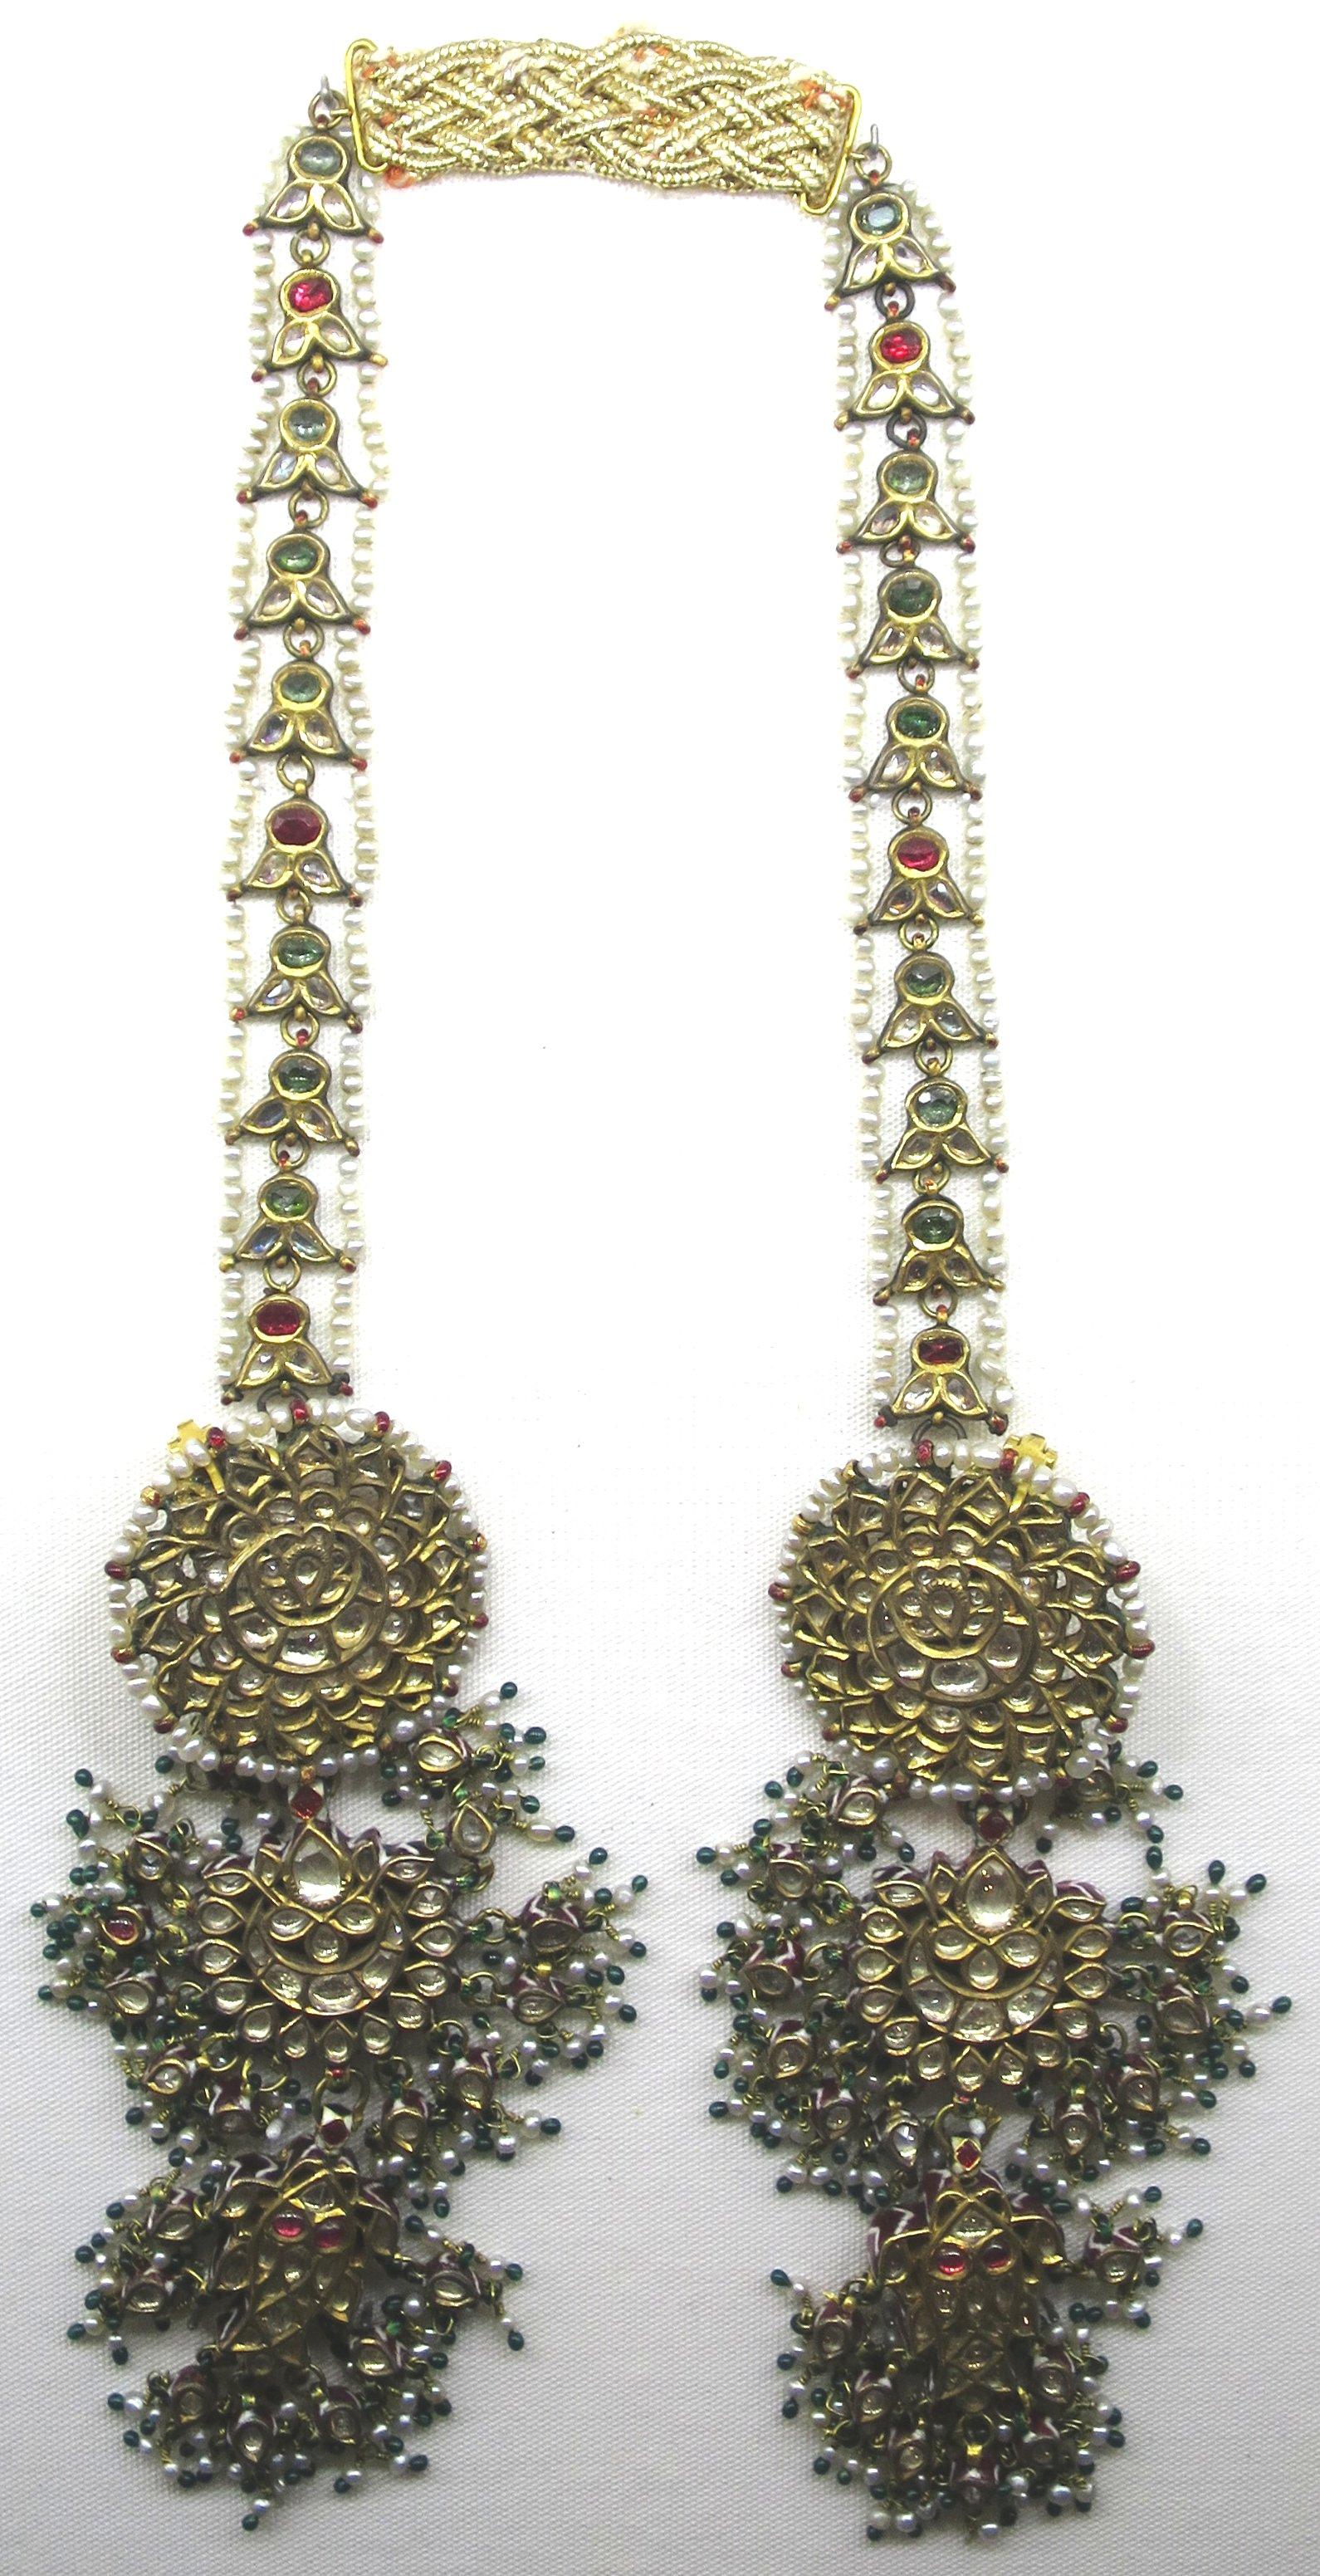 File:Ear ornaments from Delhi, Doris Duke Foundation for